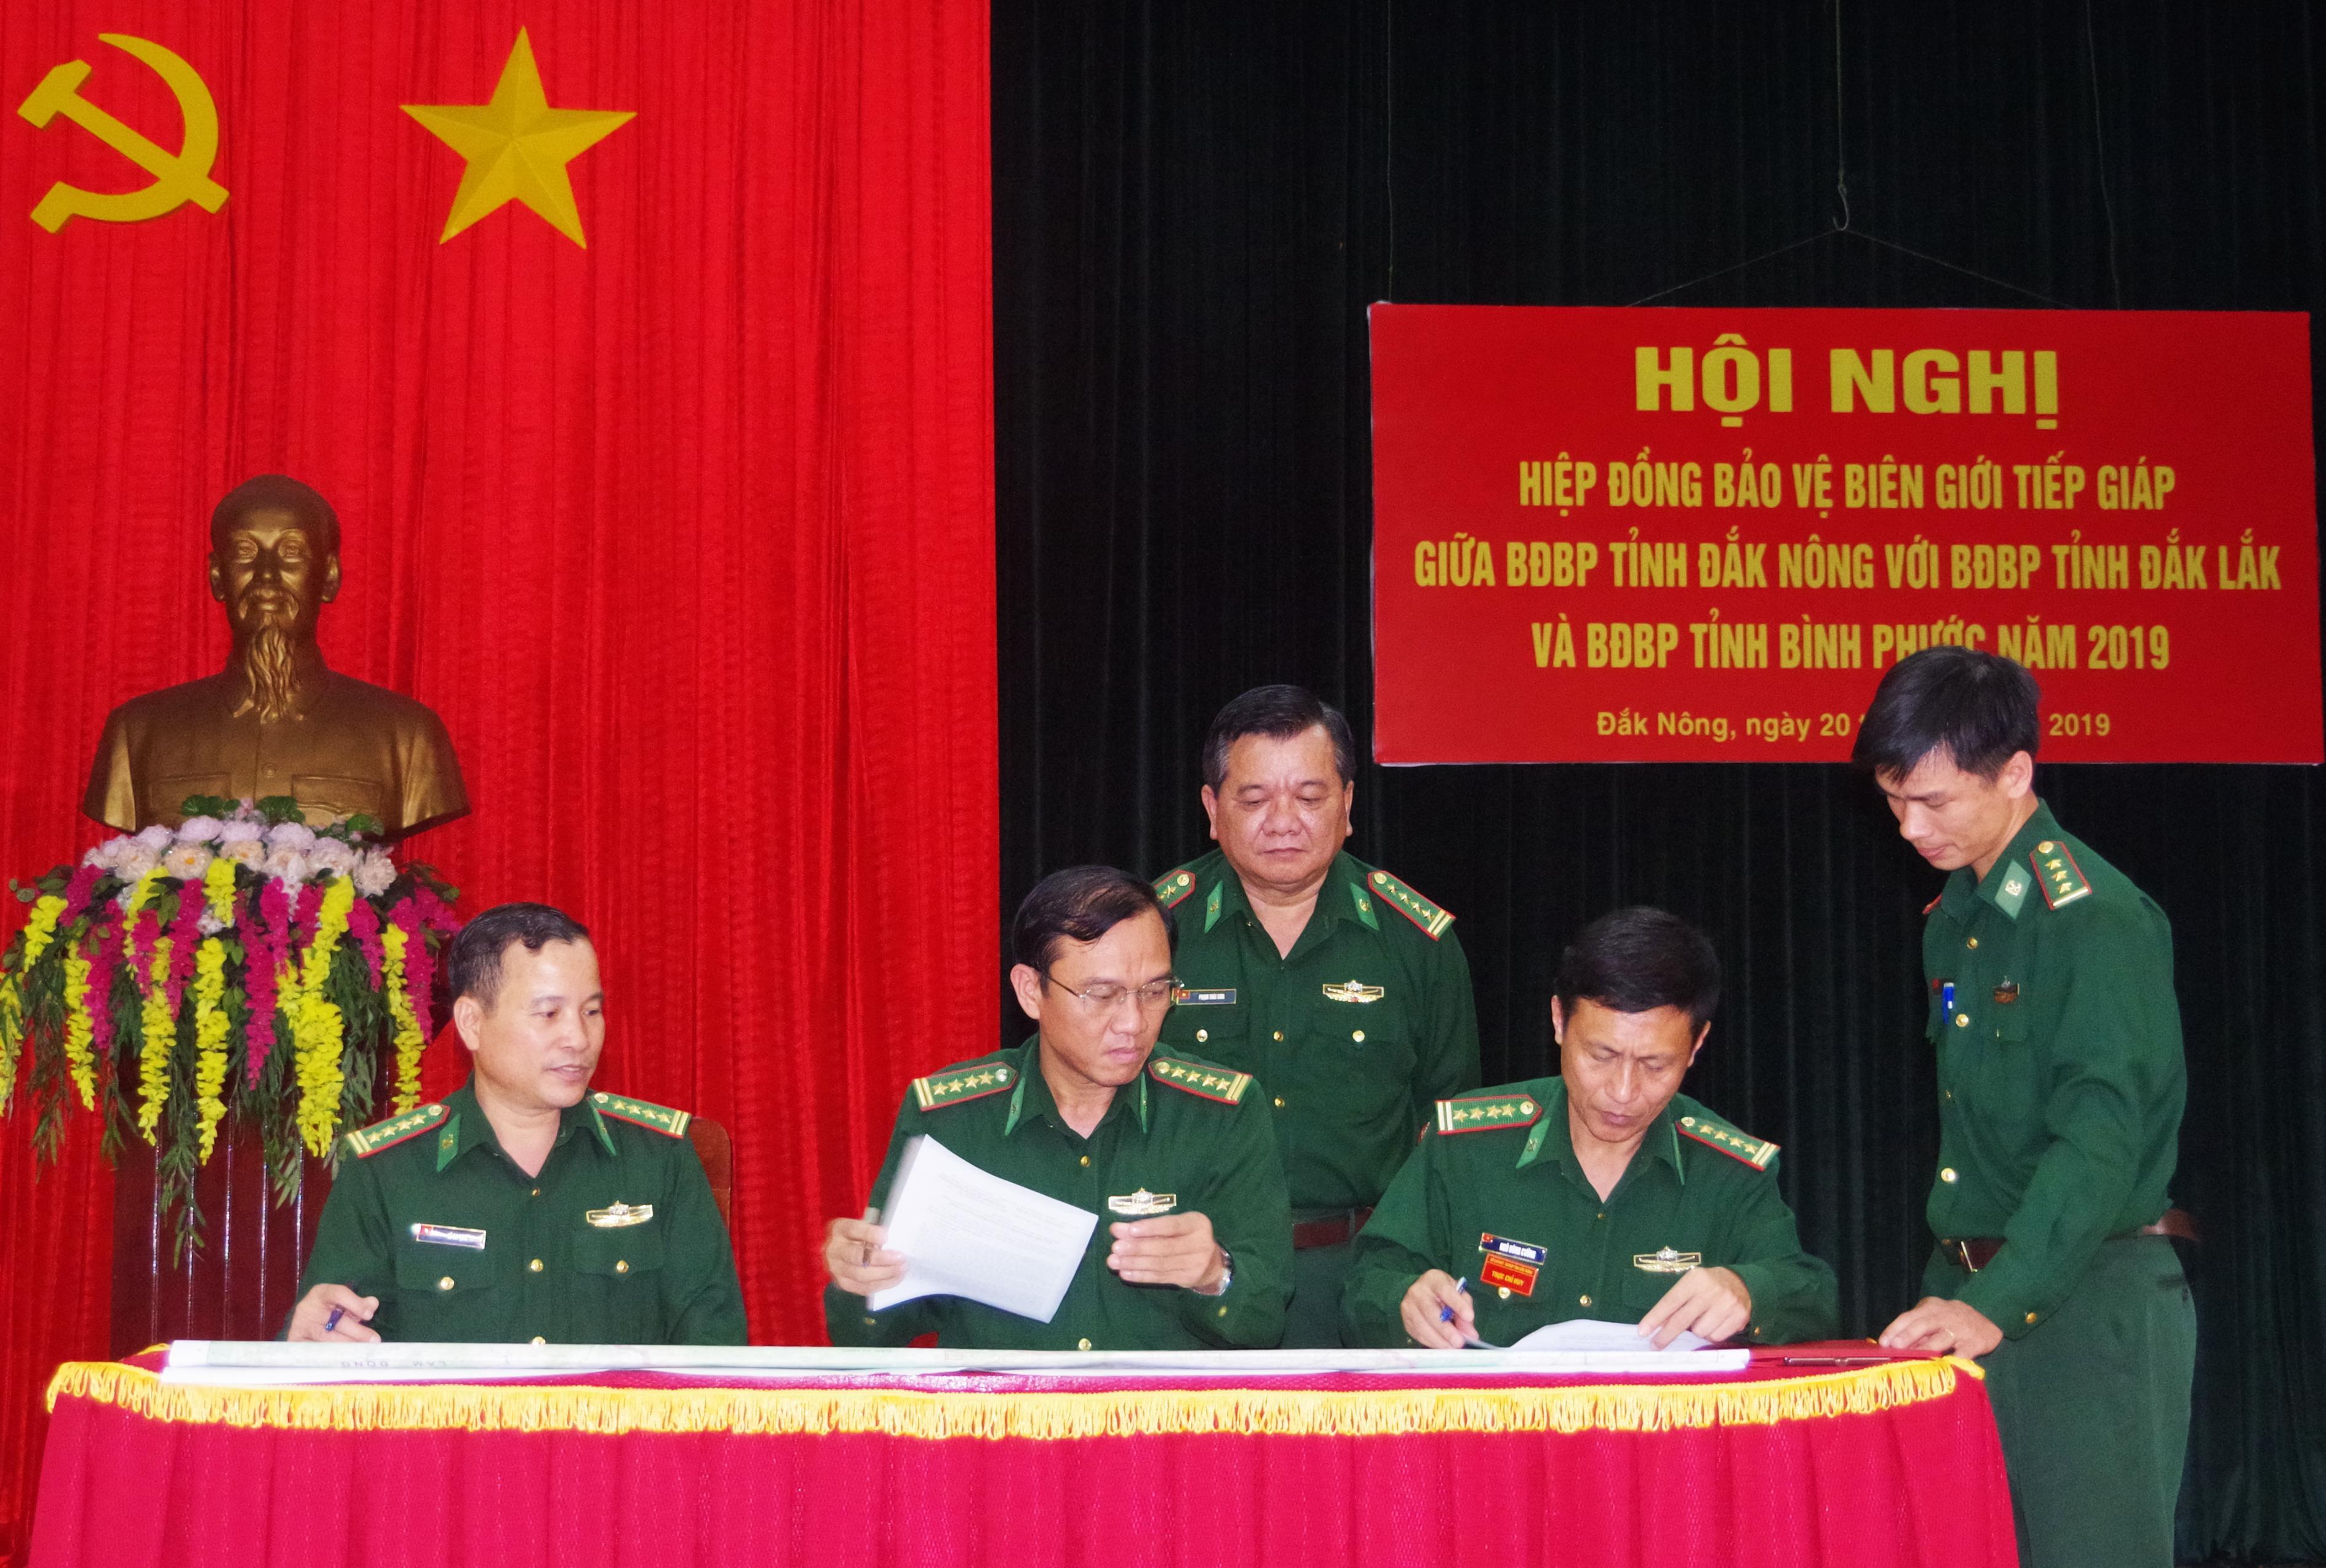 BĐBP Đắk Nông, Đắk Lắk, Bình Phước hiệp đồng bảo vệ biên giới tiếp giáp năm 2019